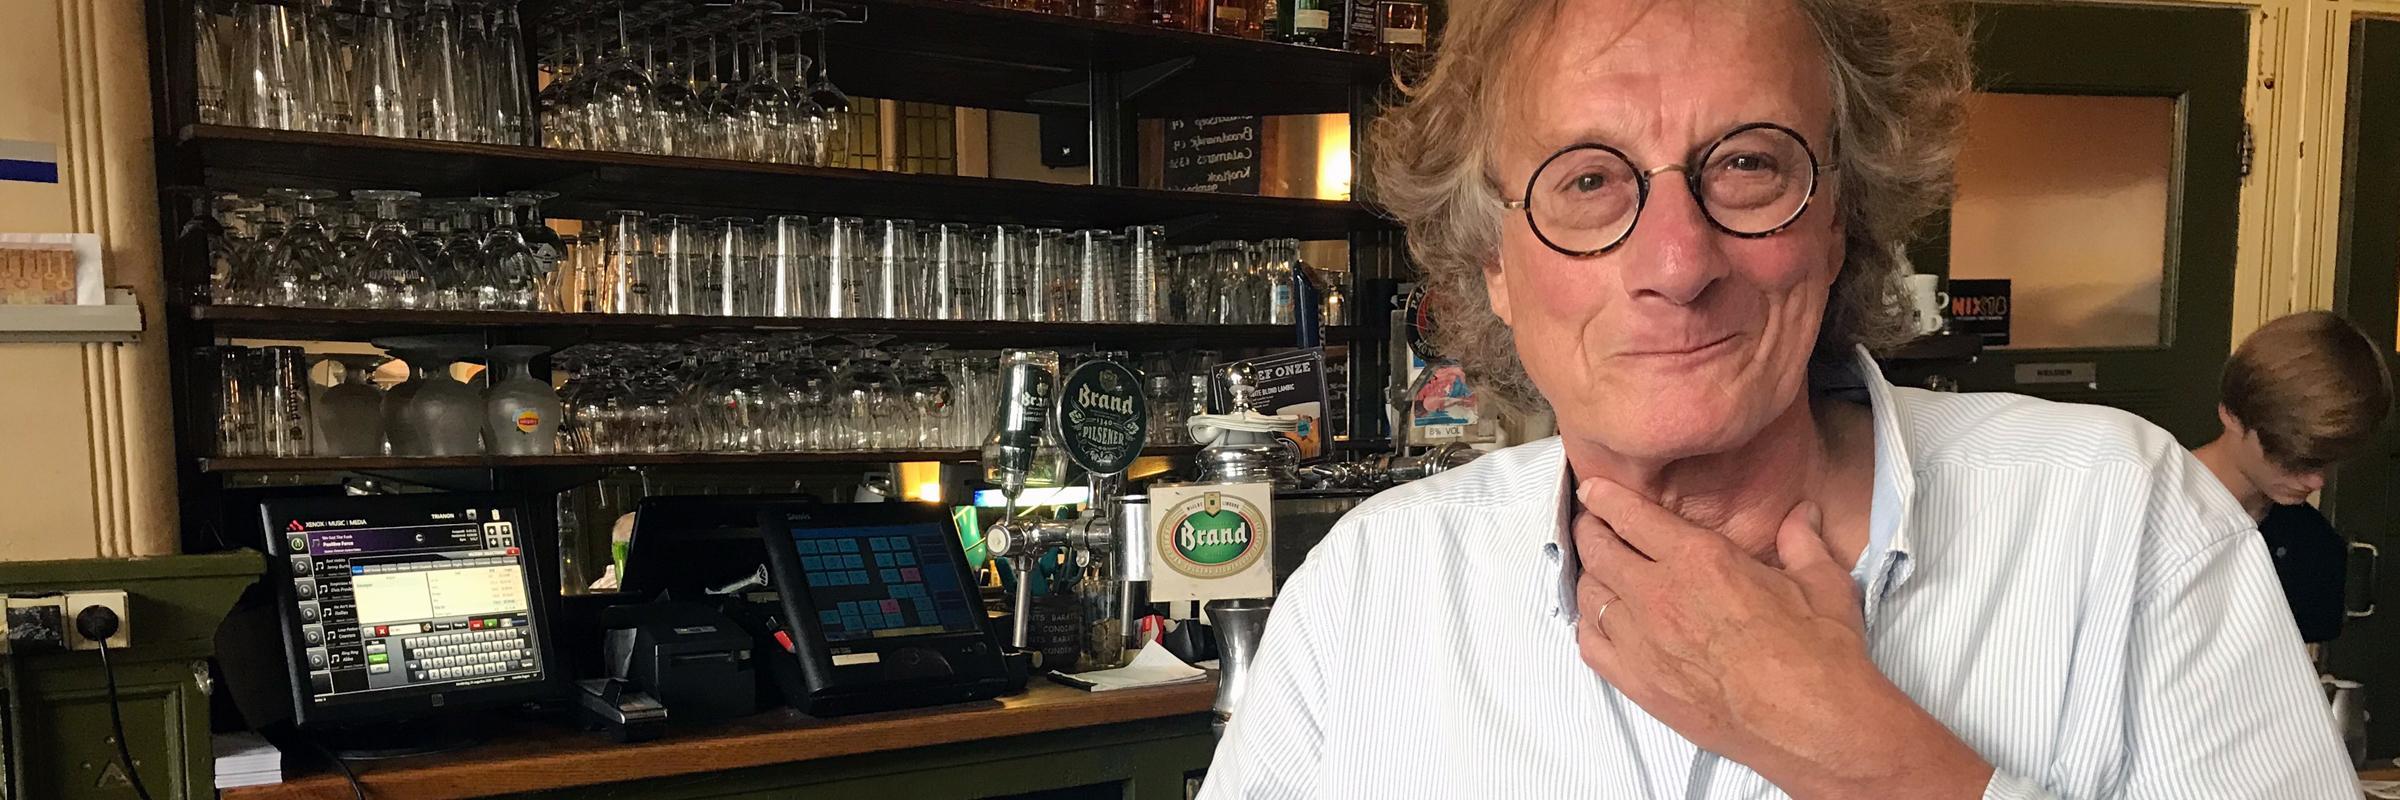 'Ik kwam elke dag in café Trianon'